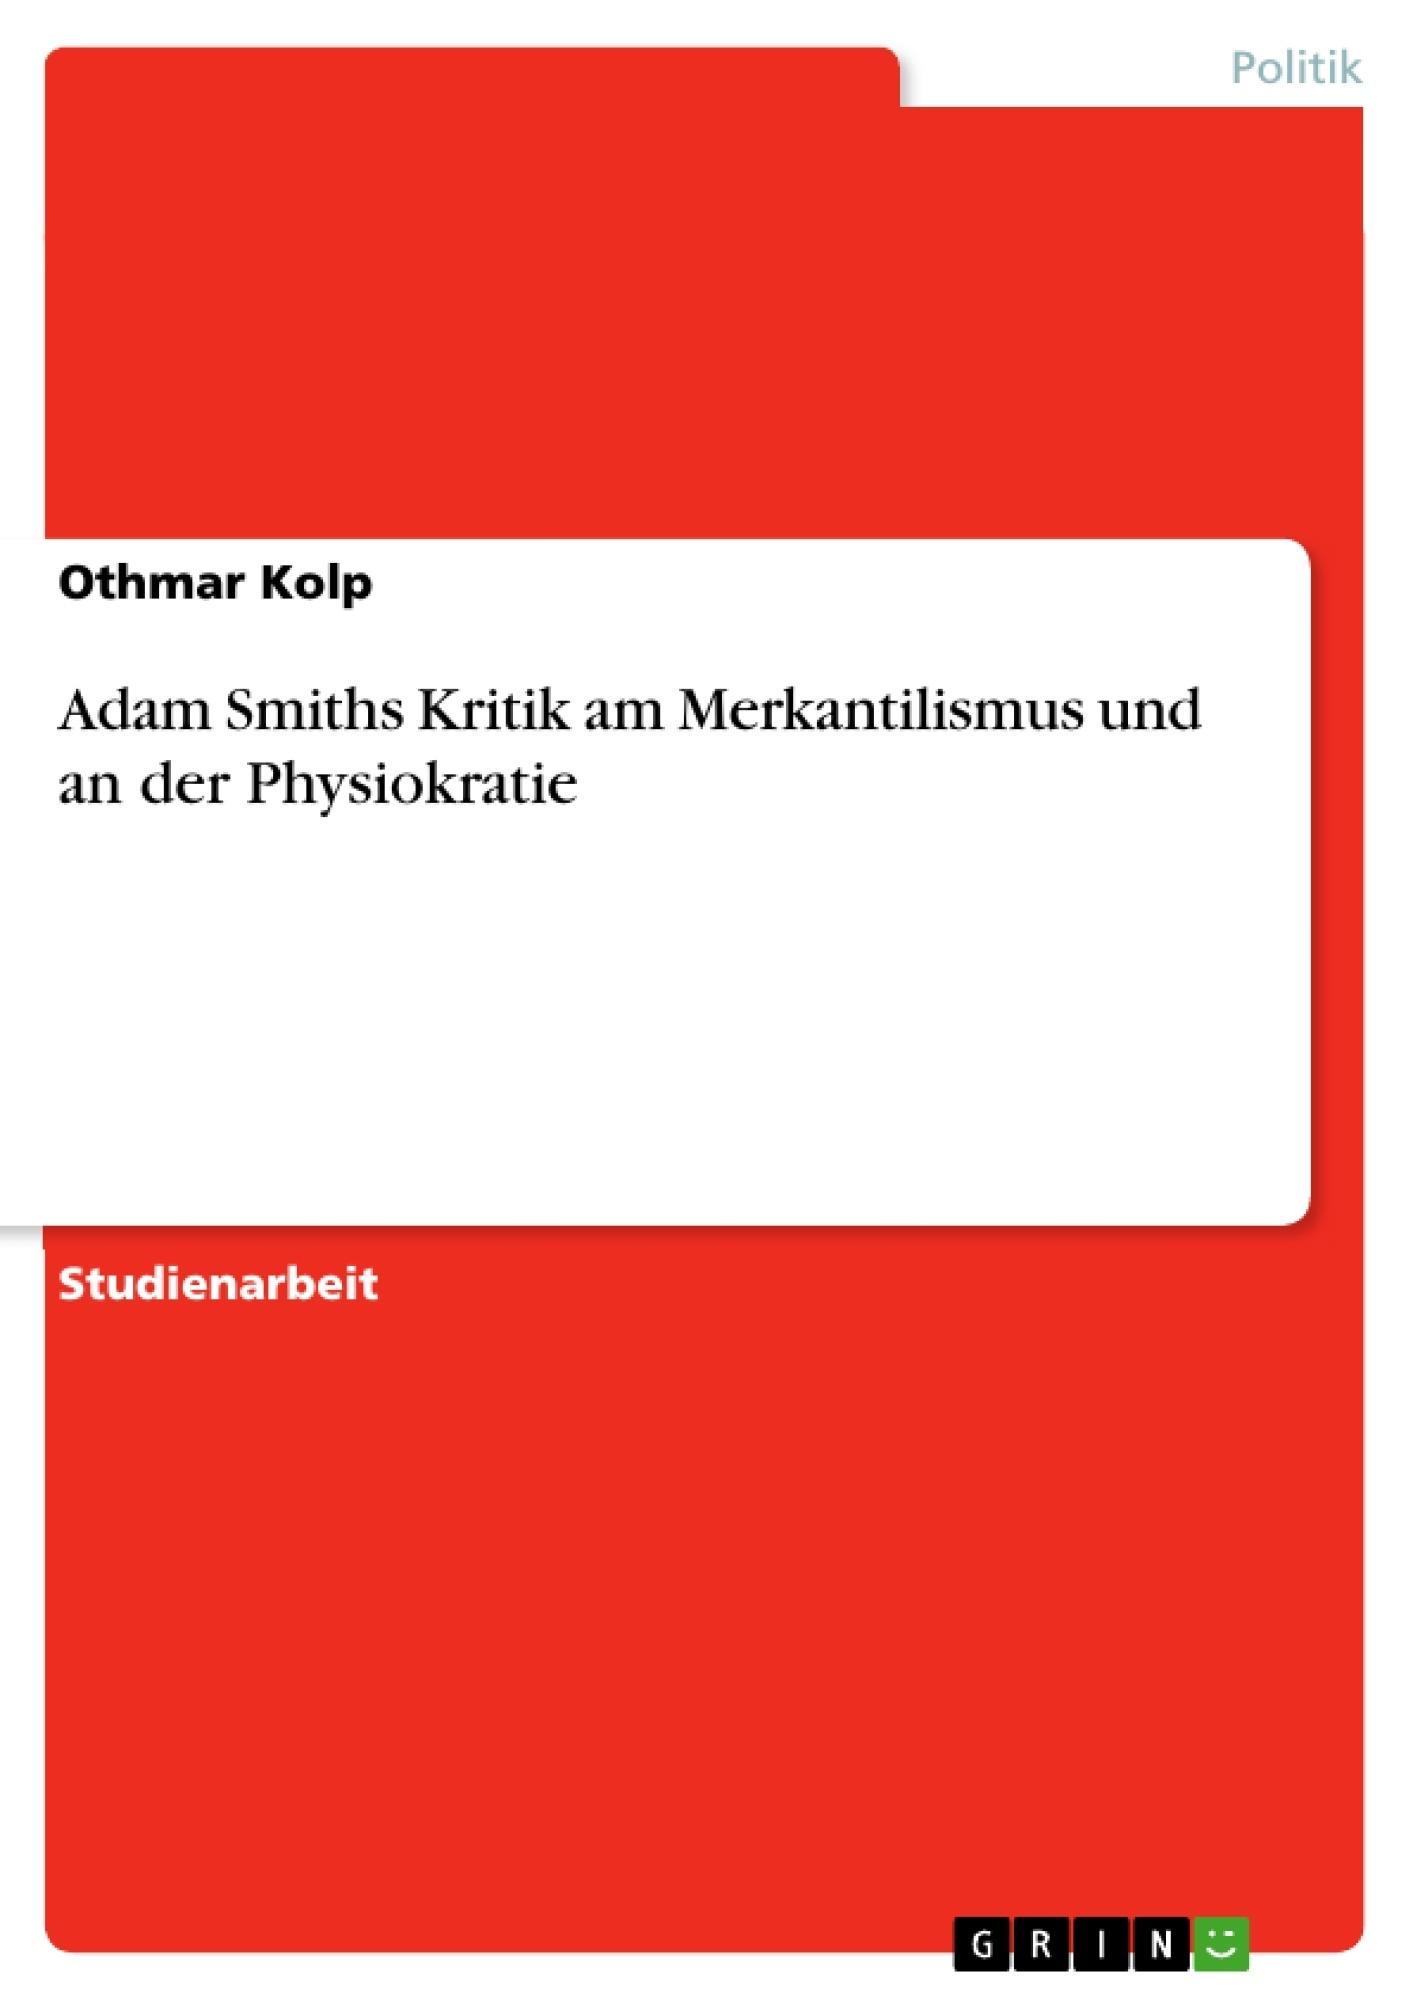 Titel: Adam Smiths Kritik am Merkantilismus und an der Physiokratie